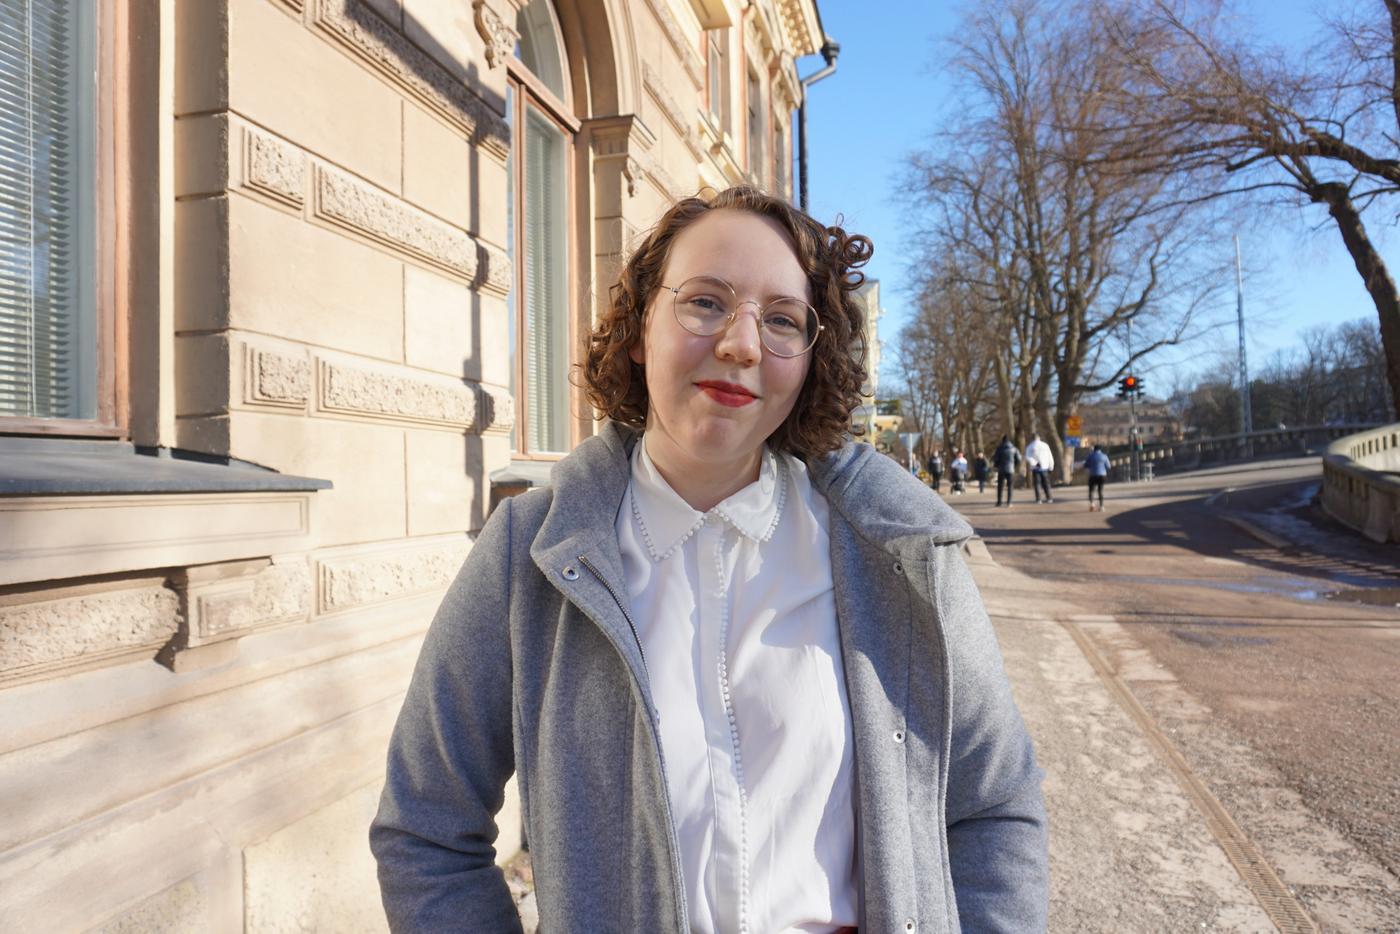 en leende kvinna i runda glasögon står med händerna i fickorna på en vårjacka